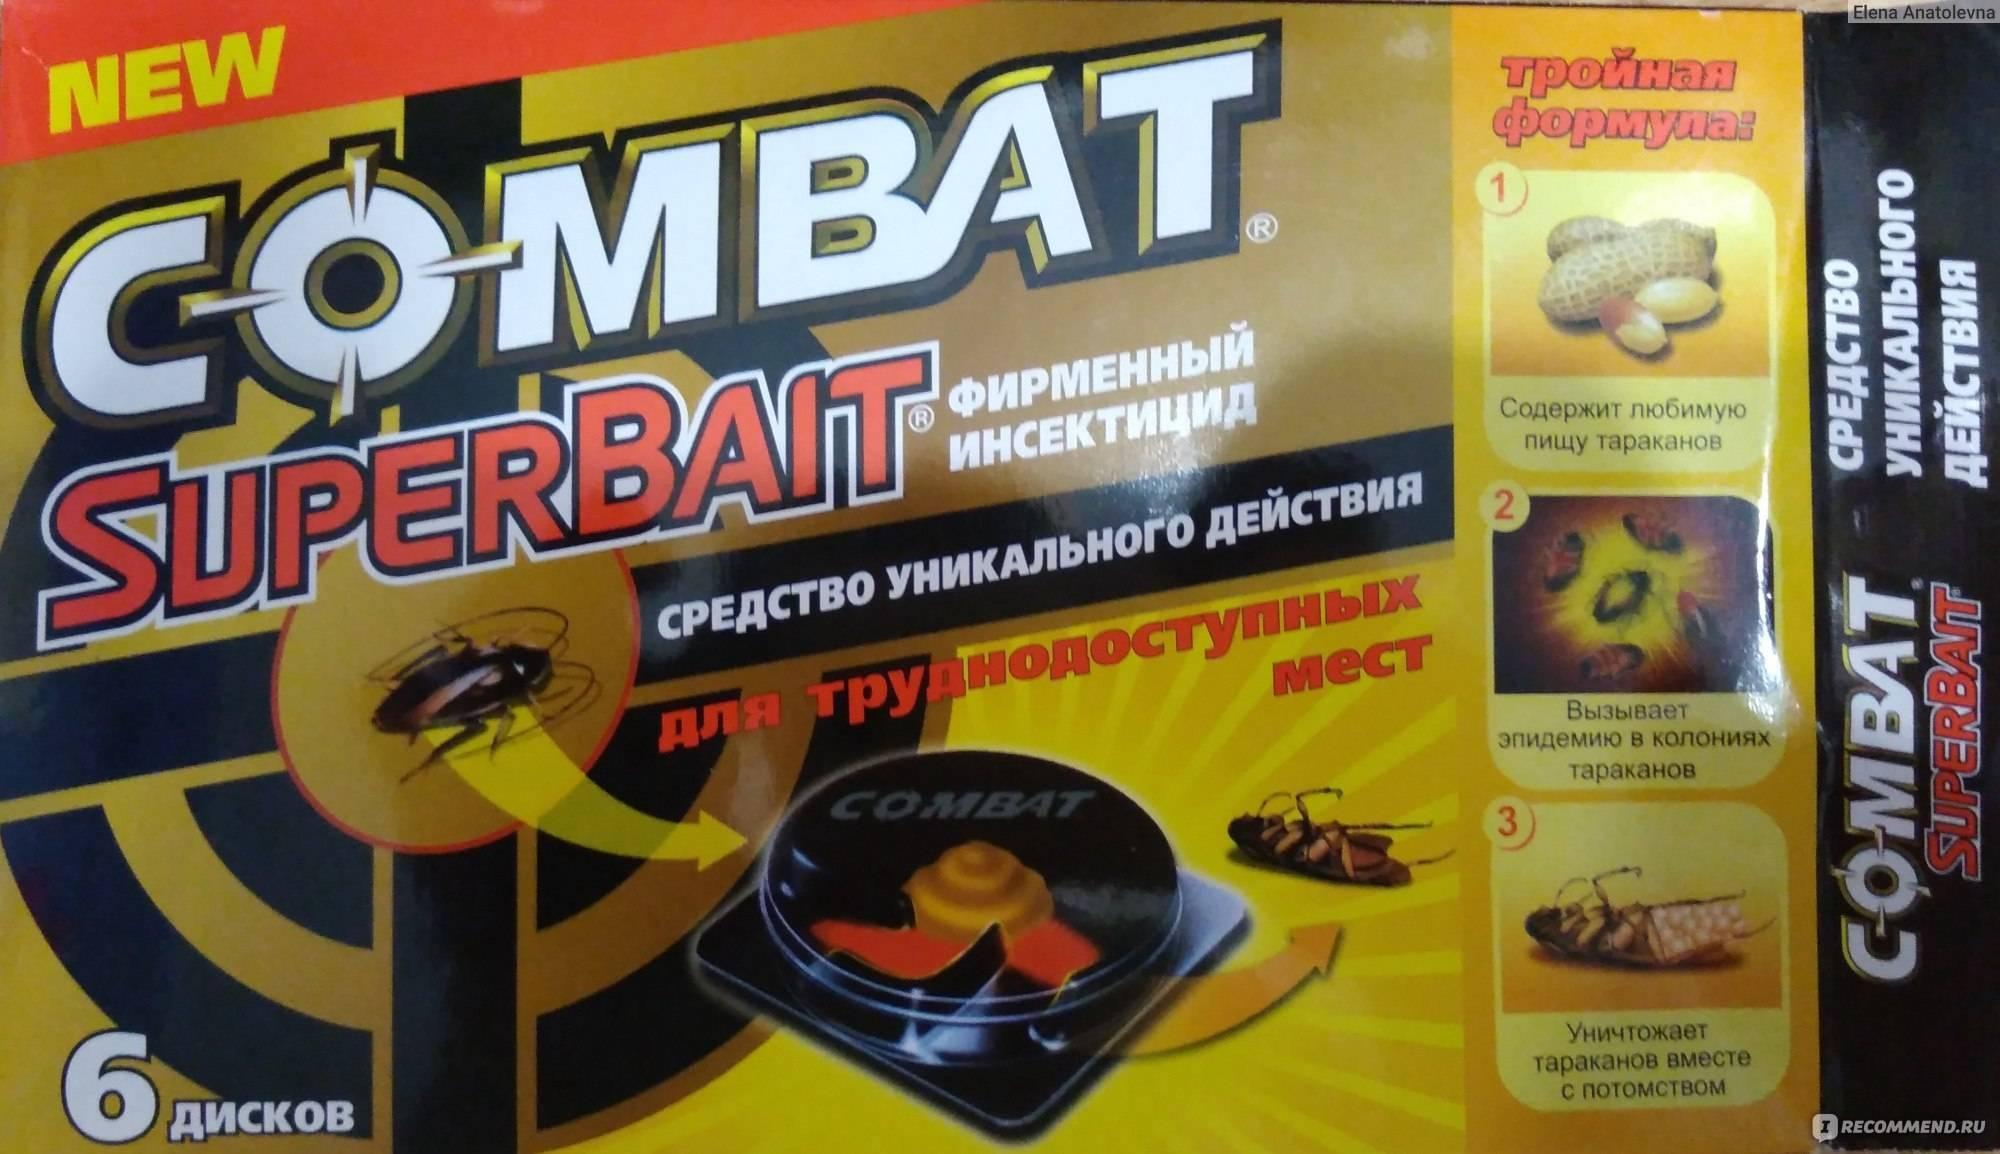 Комбат от тараканов: ловушки, гели, аэрозоли, спреи. обзор